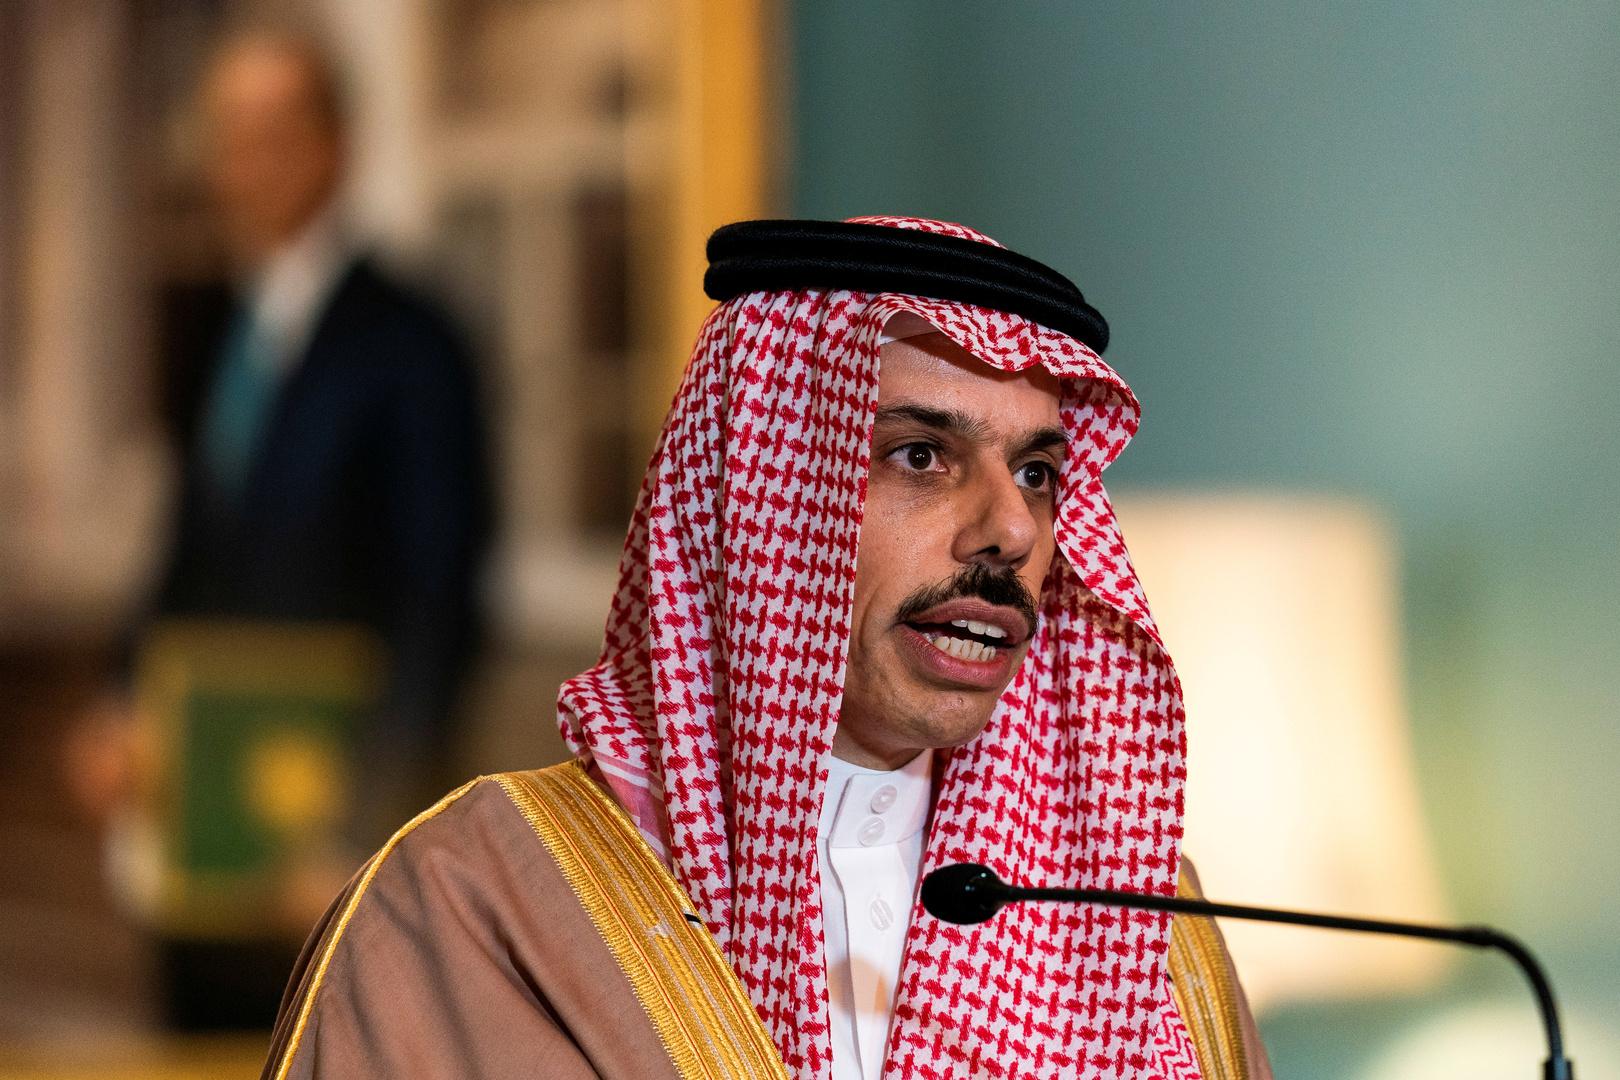 السعودية: أحرزنا تقدما كبيرا نحو حل الأزمة الخليجية